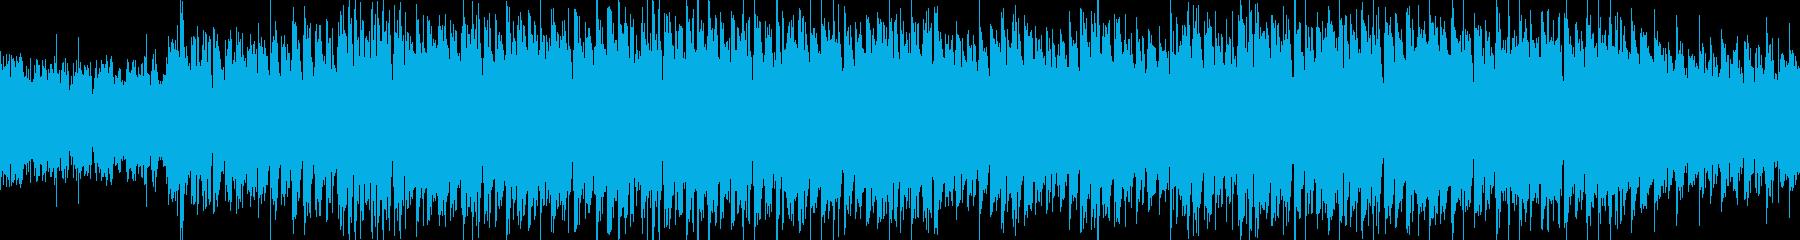 プレゼンに! 冷たく金属的で不思議な音楽の再生済みの波形